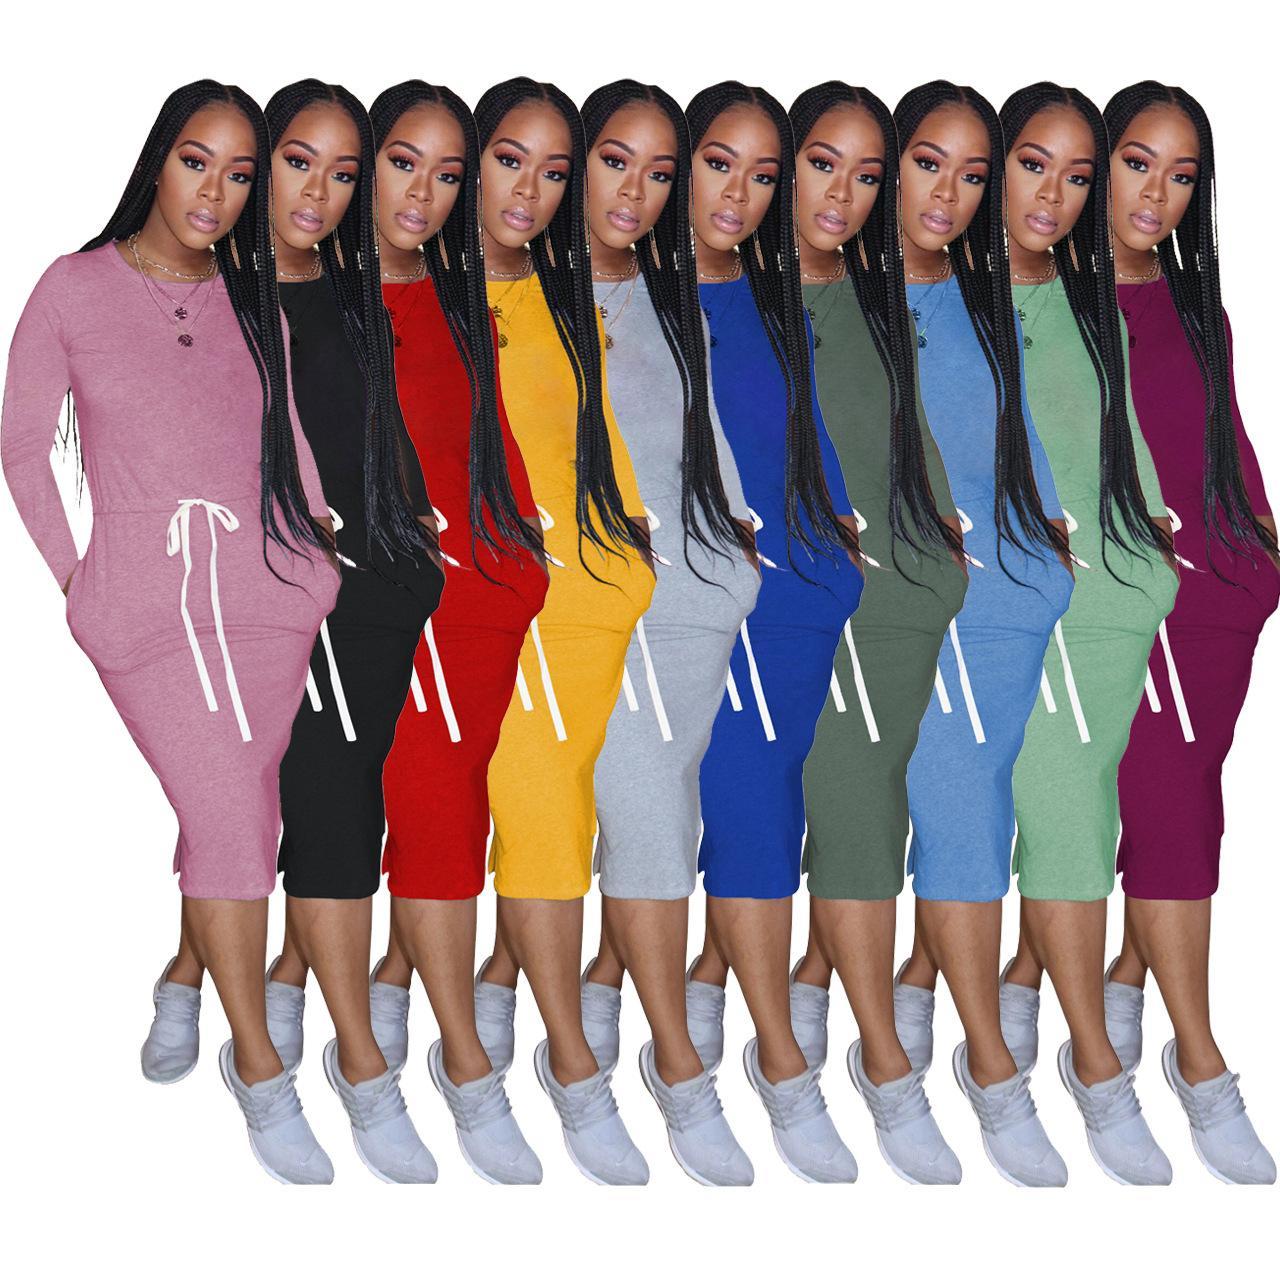 les femmes tombent robe de mode 2020 robe T-shirt taille élastique de base couleur unie à manches longues couleur unie mi-longues robes décontractées taille plus